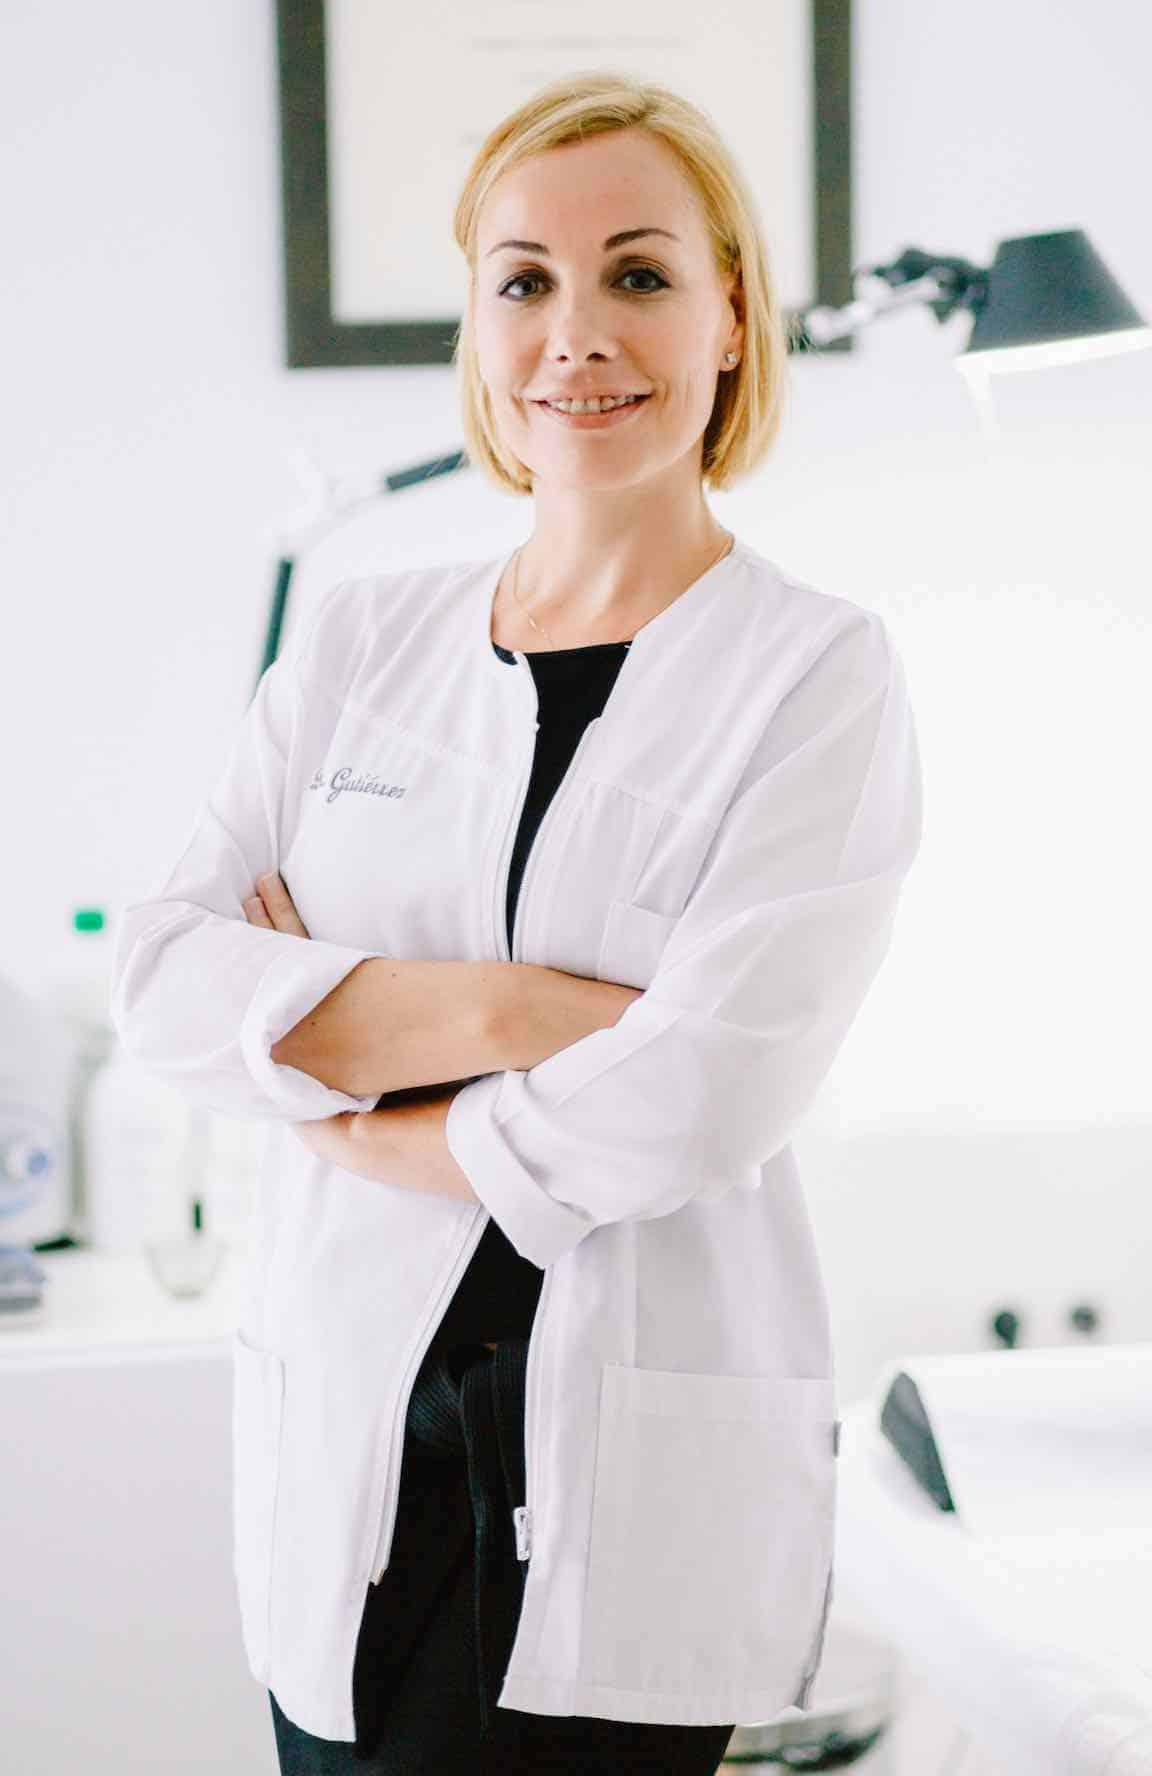 Dra. Patricia Gutiérrez Ontalvilla - Cirujana Plástica. Tratamientos de Medicina Estética y Cirugía Plástica Valencia. Experta internacional en mamas tuberosas y rejuvenecimiento vaginal (labioplastia).